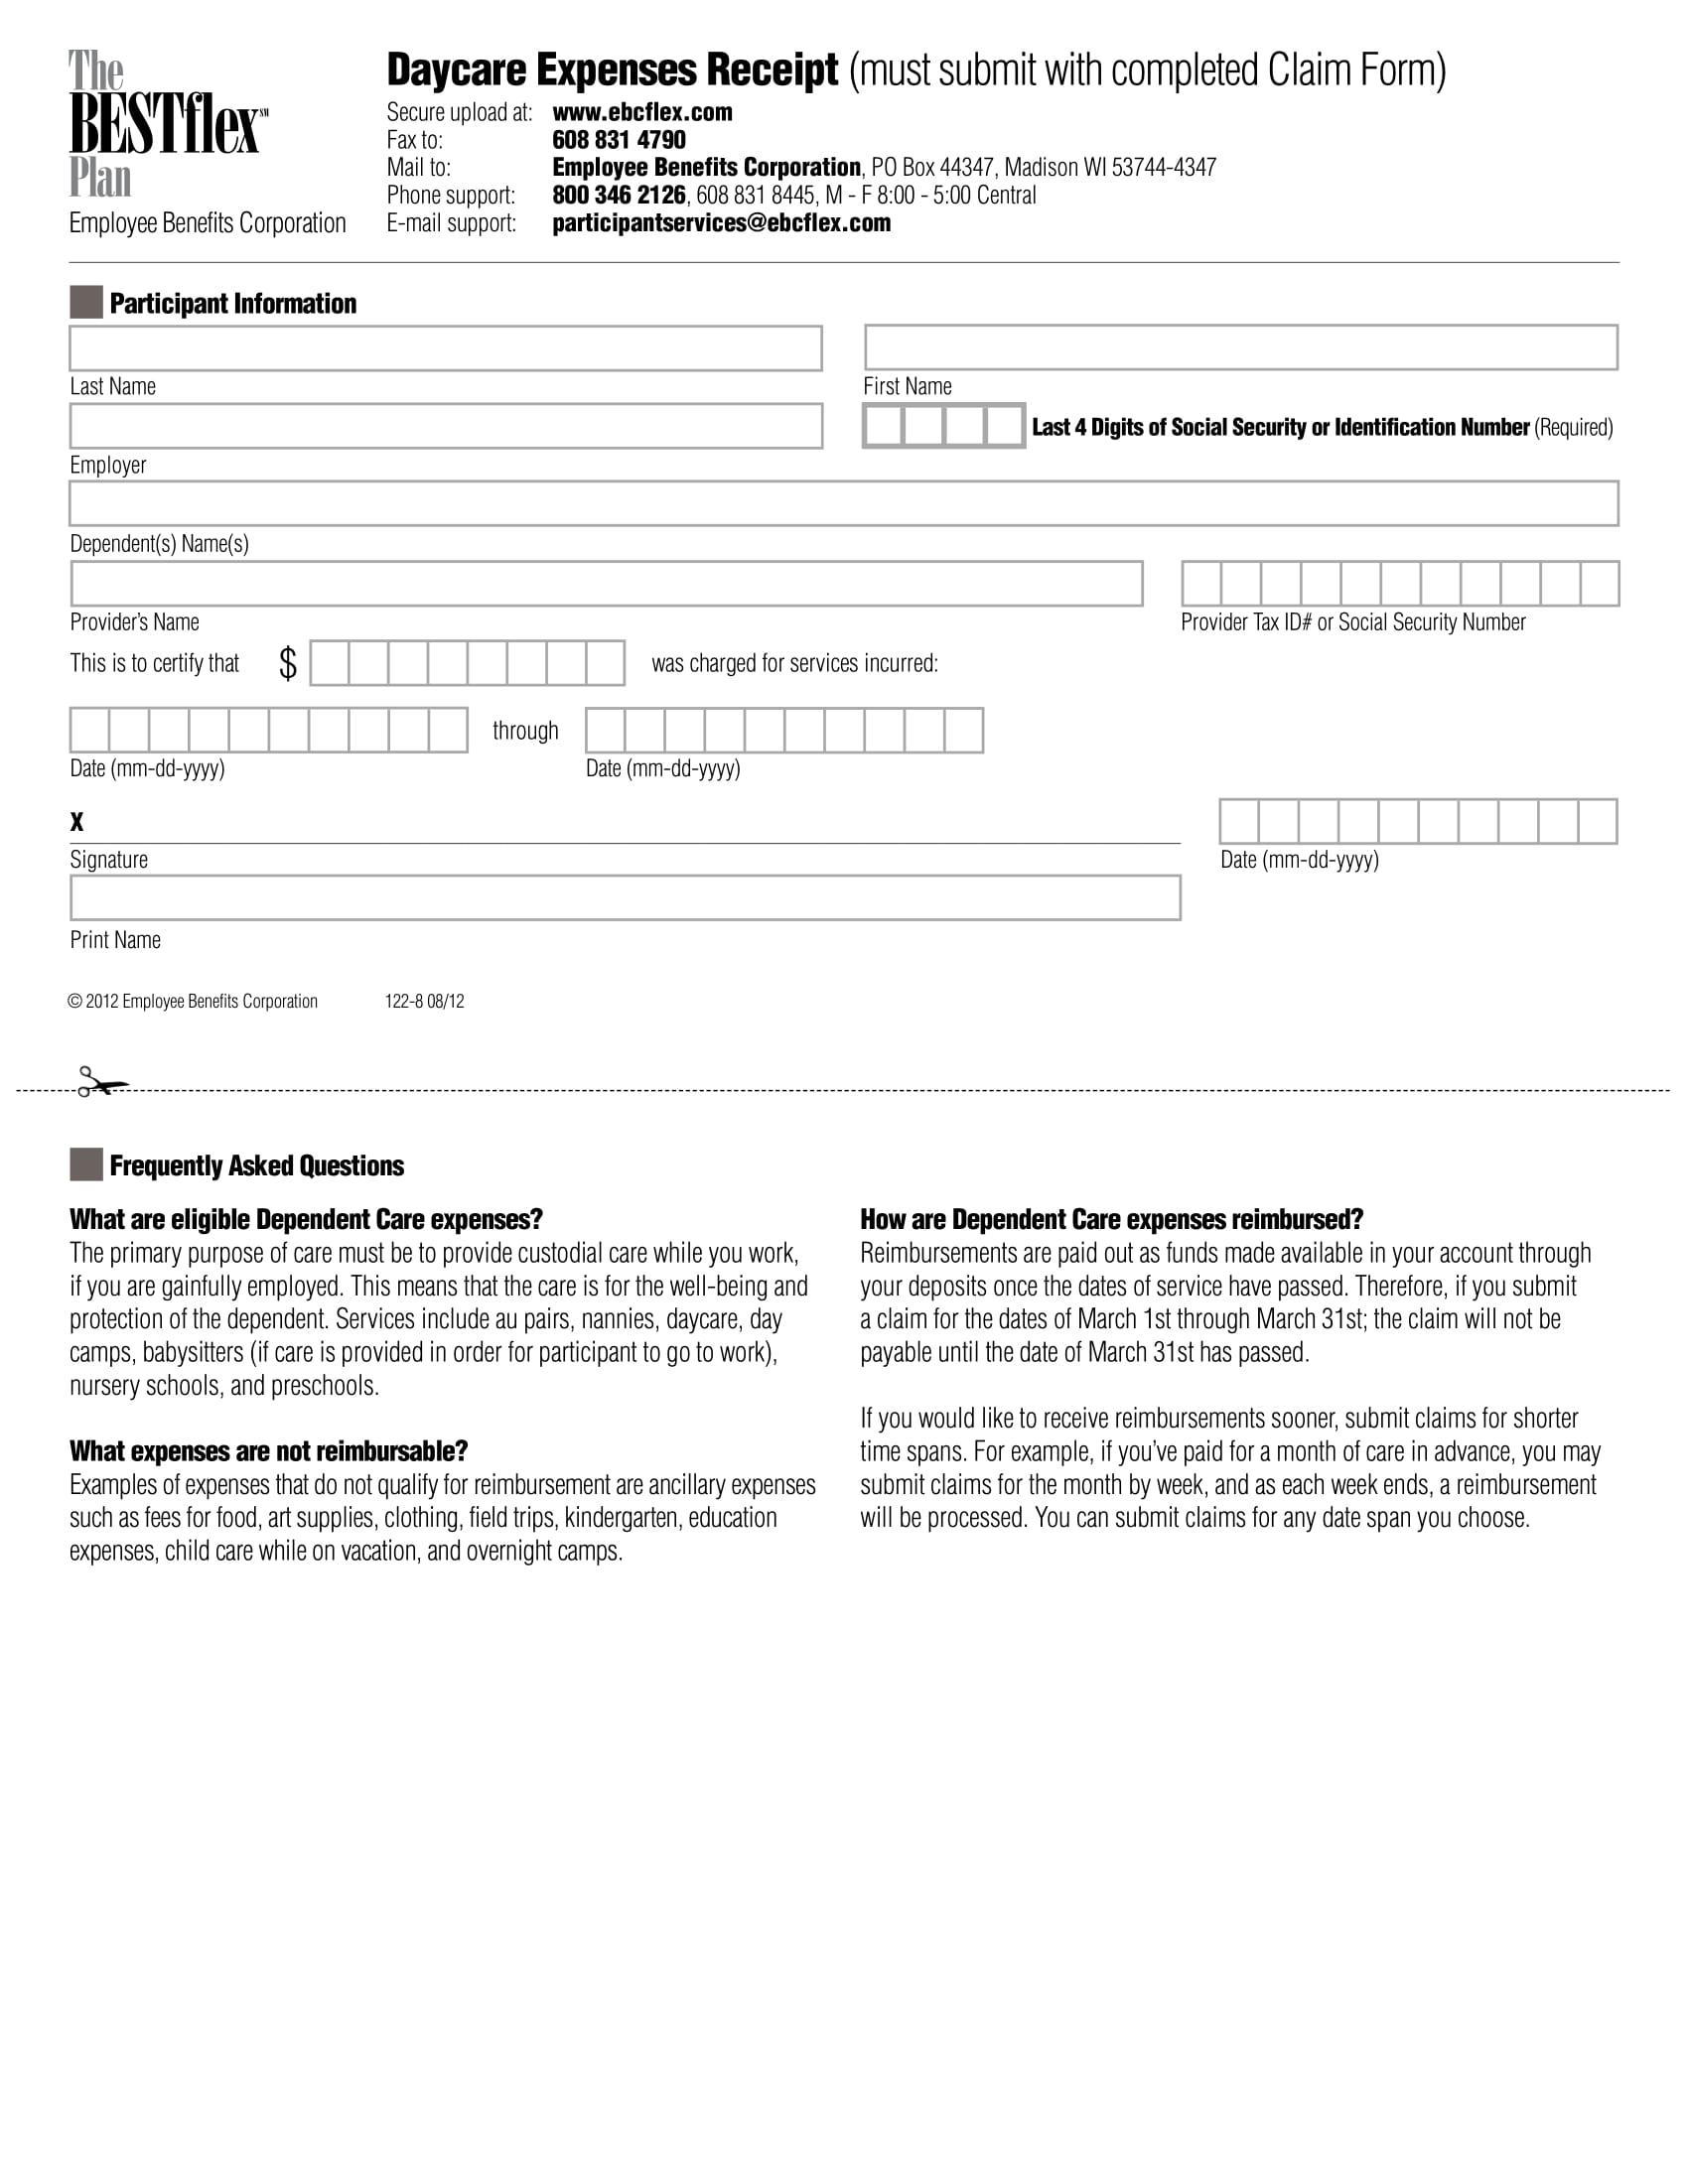 dependent care reimbursement form